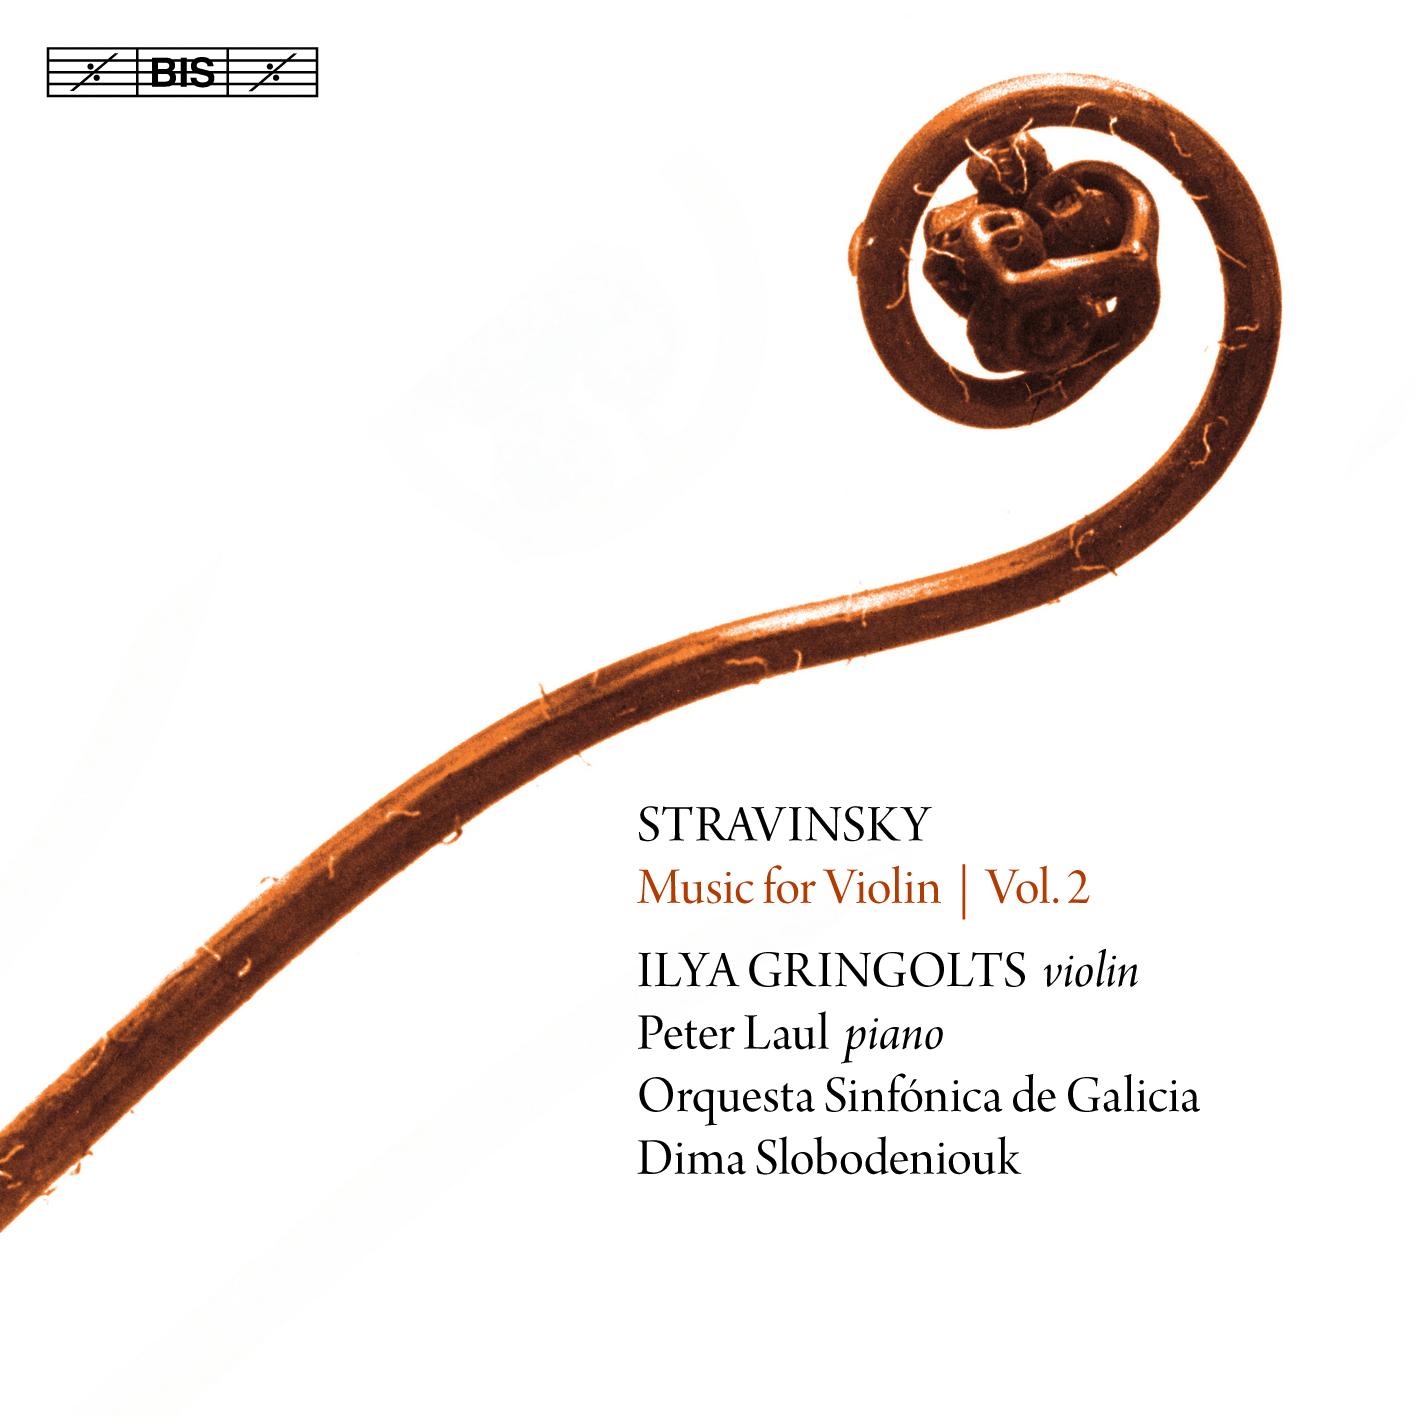 La OSG entra en el catálogo de BIS Records con música de Stravinski con Gringolts y Slobodeniouk